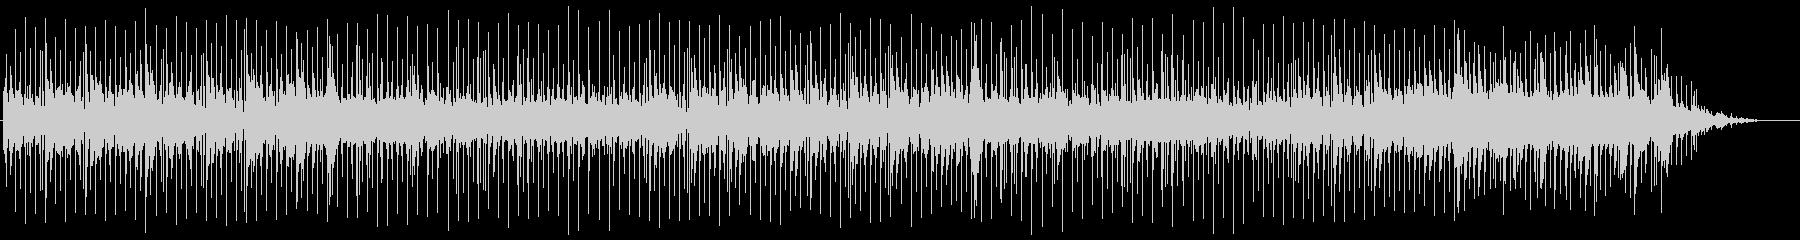 歌謡曲風ほのぼのバラードの未再生の波形